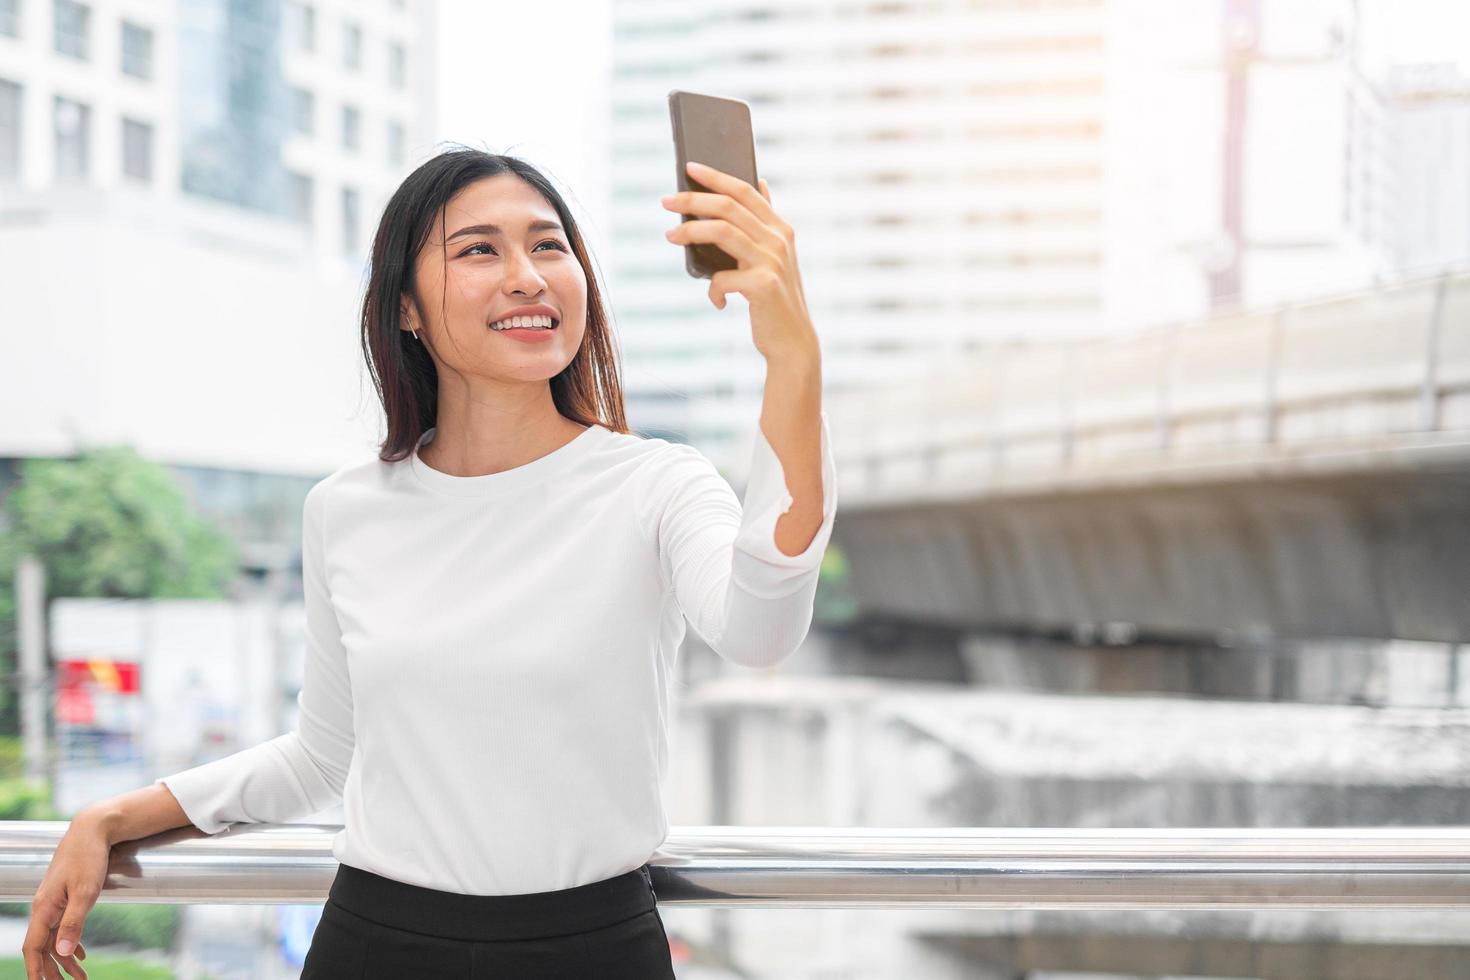 Portrait de femme asiatique prenant un selfie photo